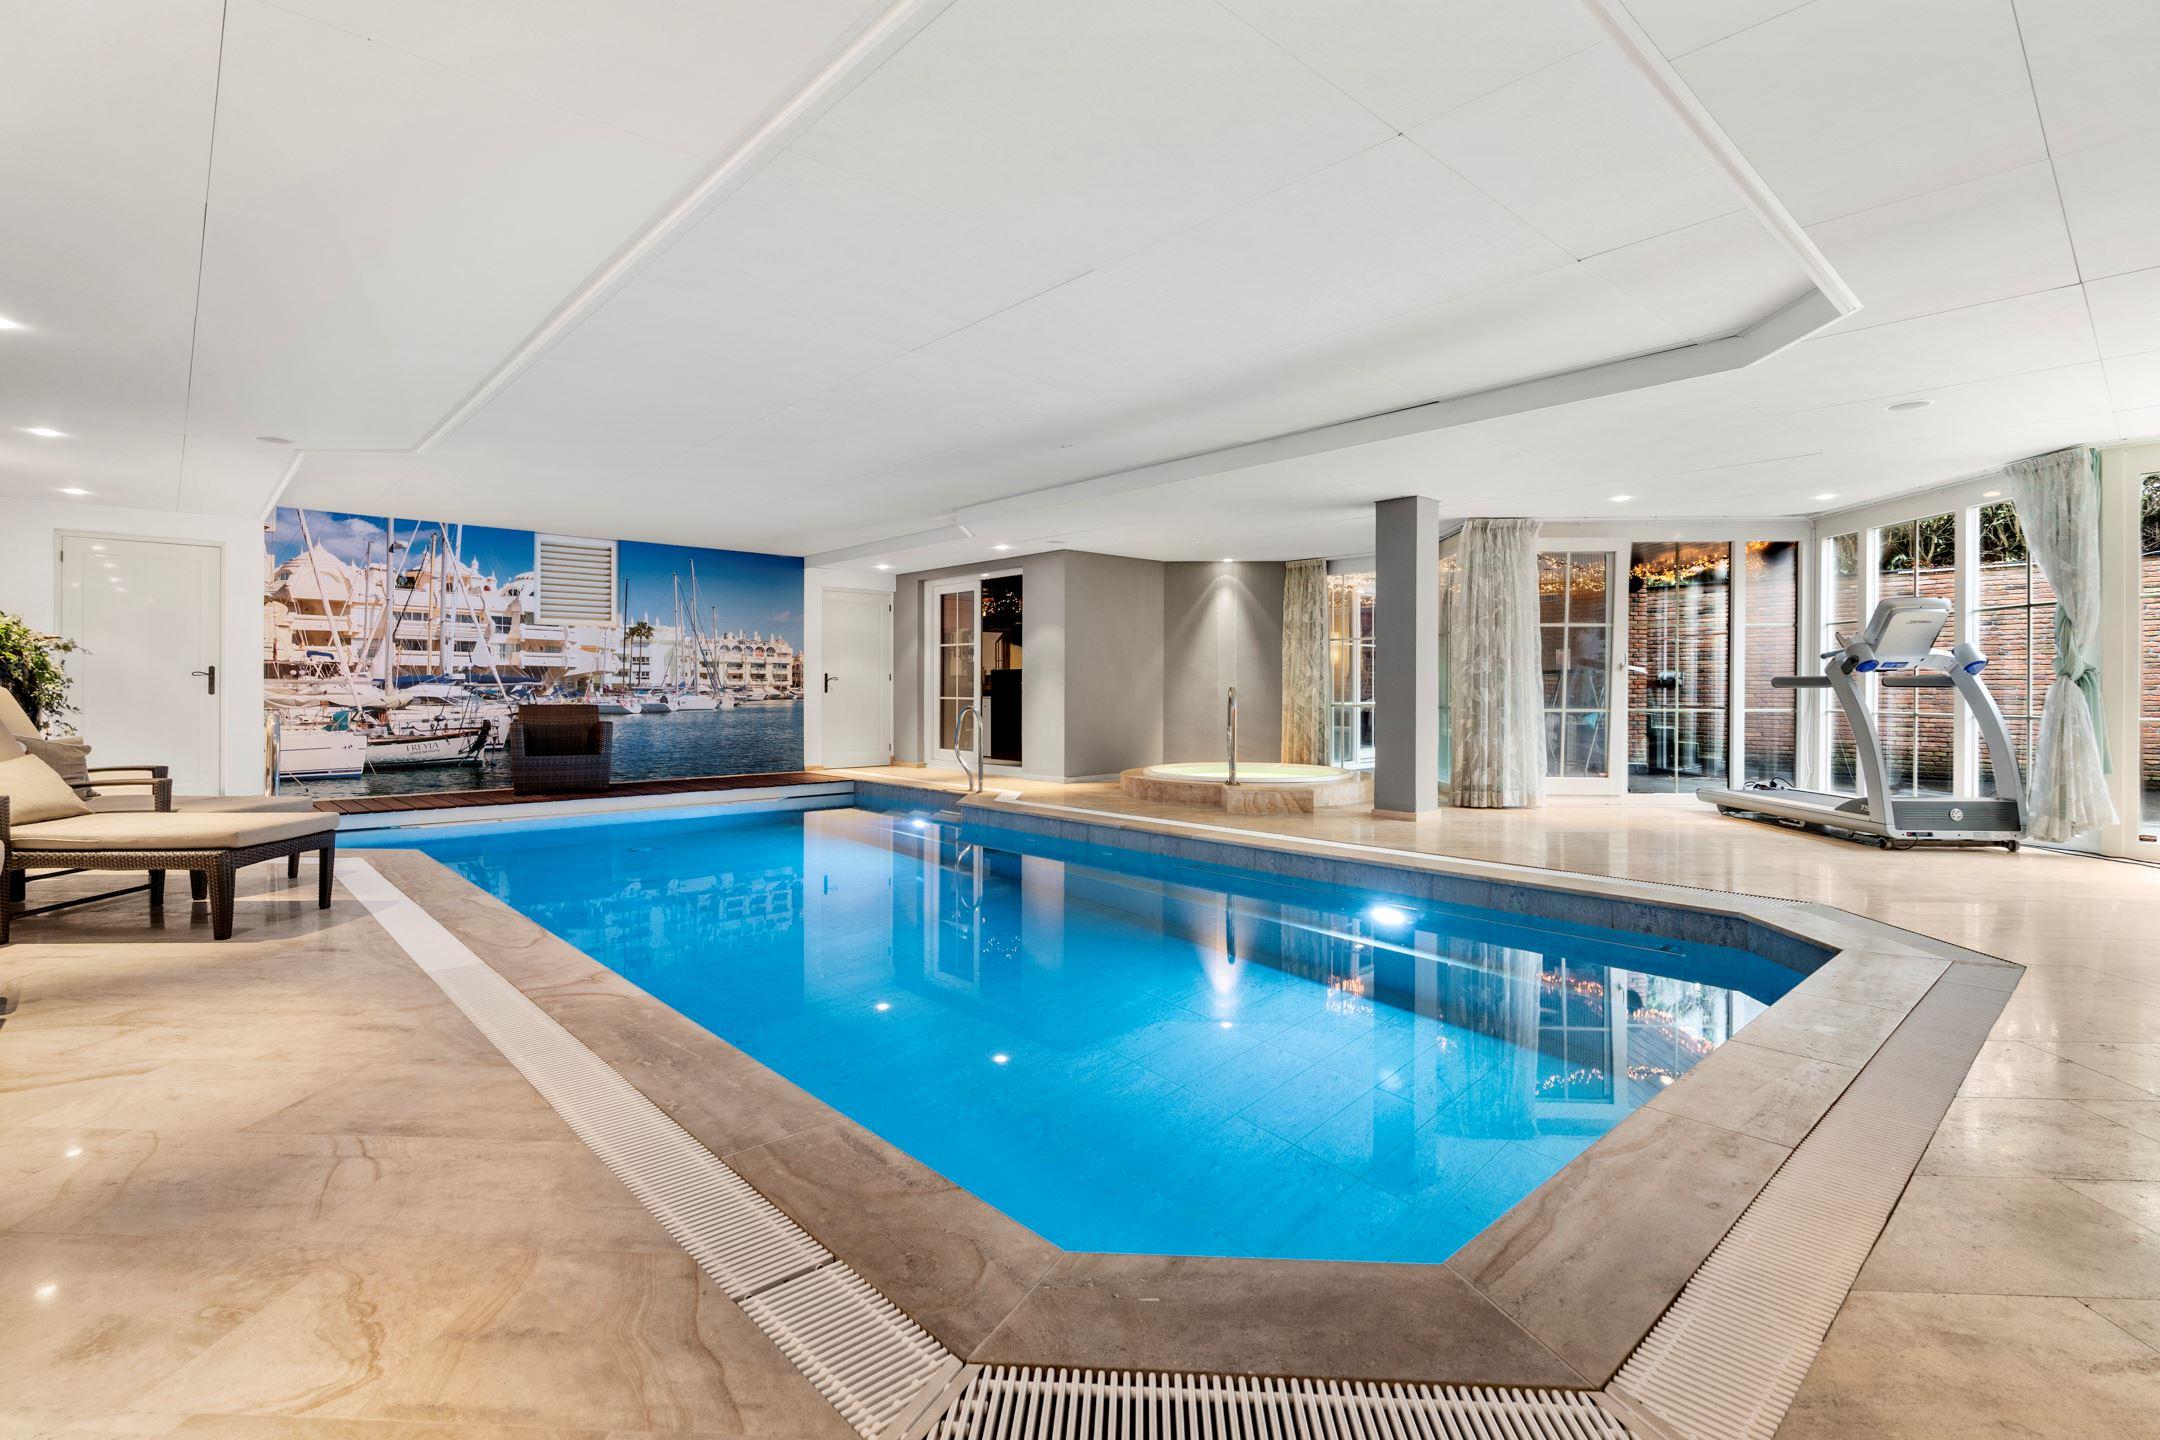 souterain met zwembad miljoenenvilla